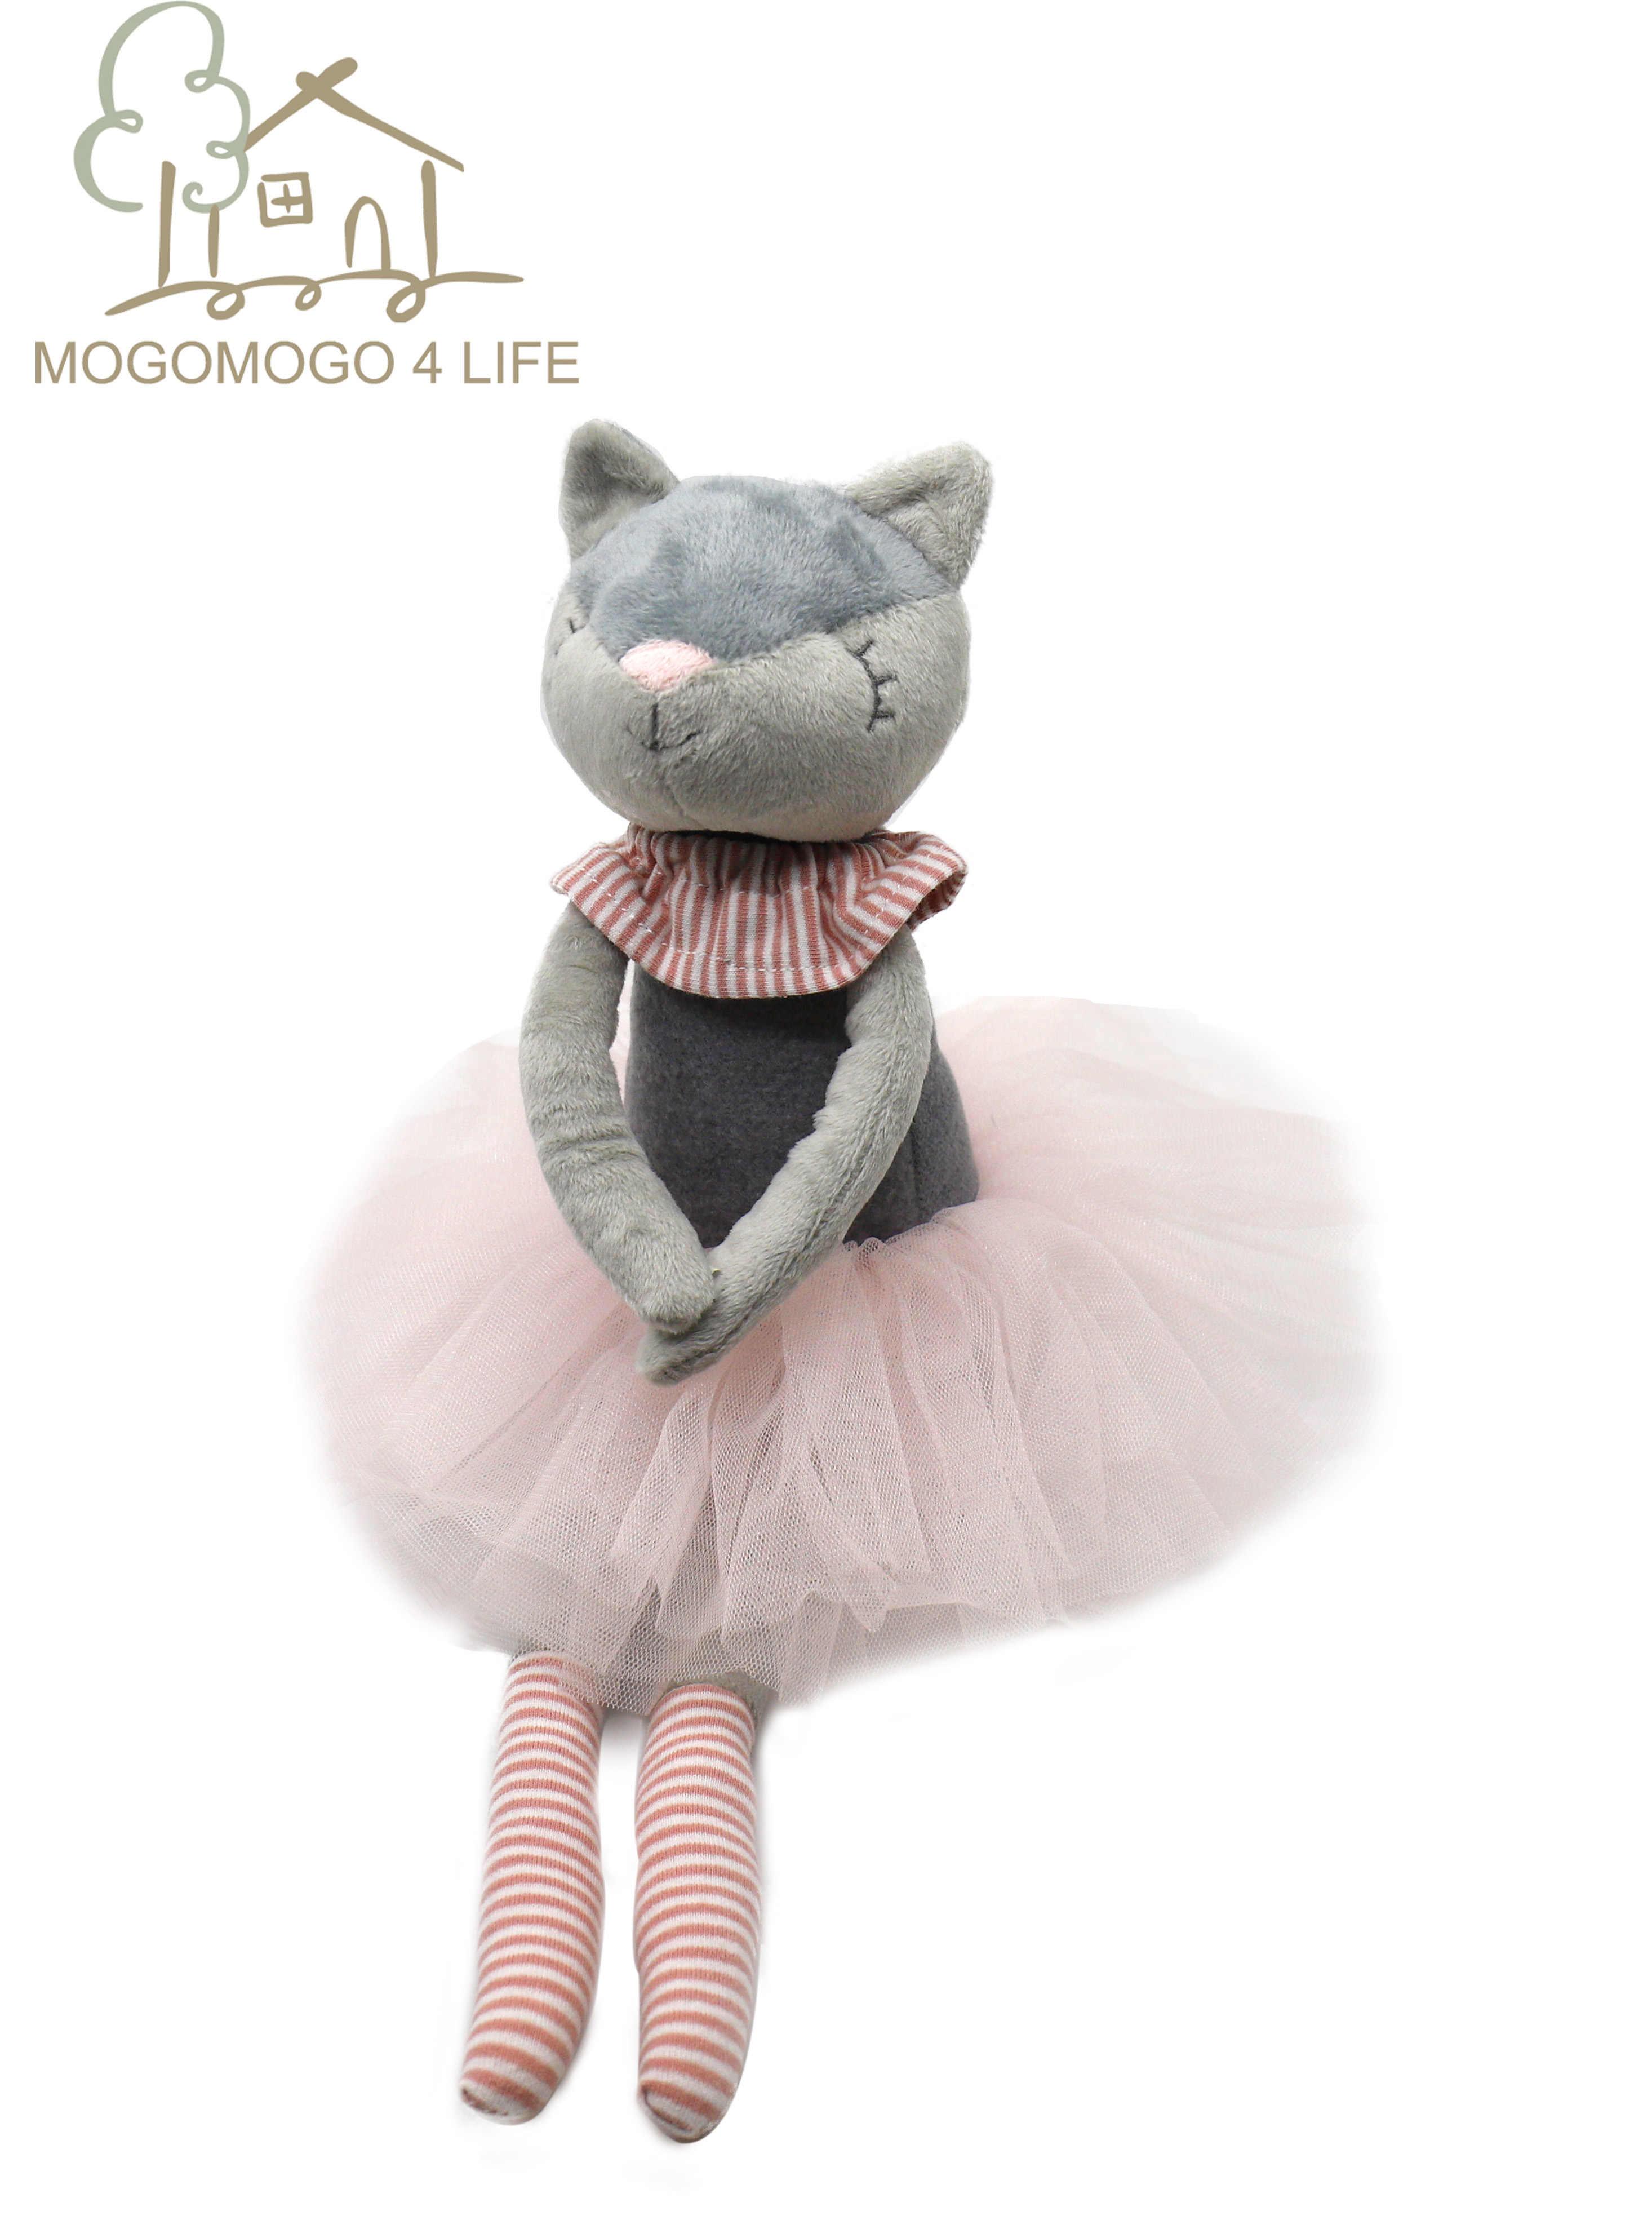 Lüks Mogo el yapımı Kitty kedi peluş oyuncaklar balerin kedi bebek prenses kedi bebek çocuklar için moda prenses bale kedi kız bebek